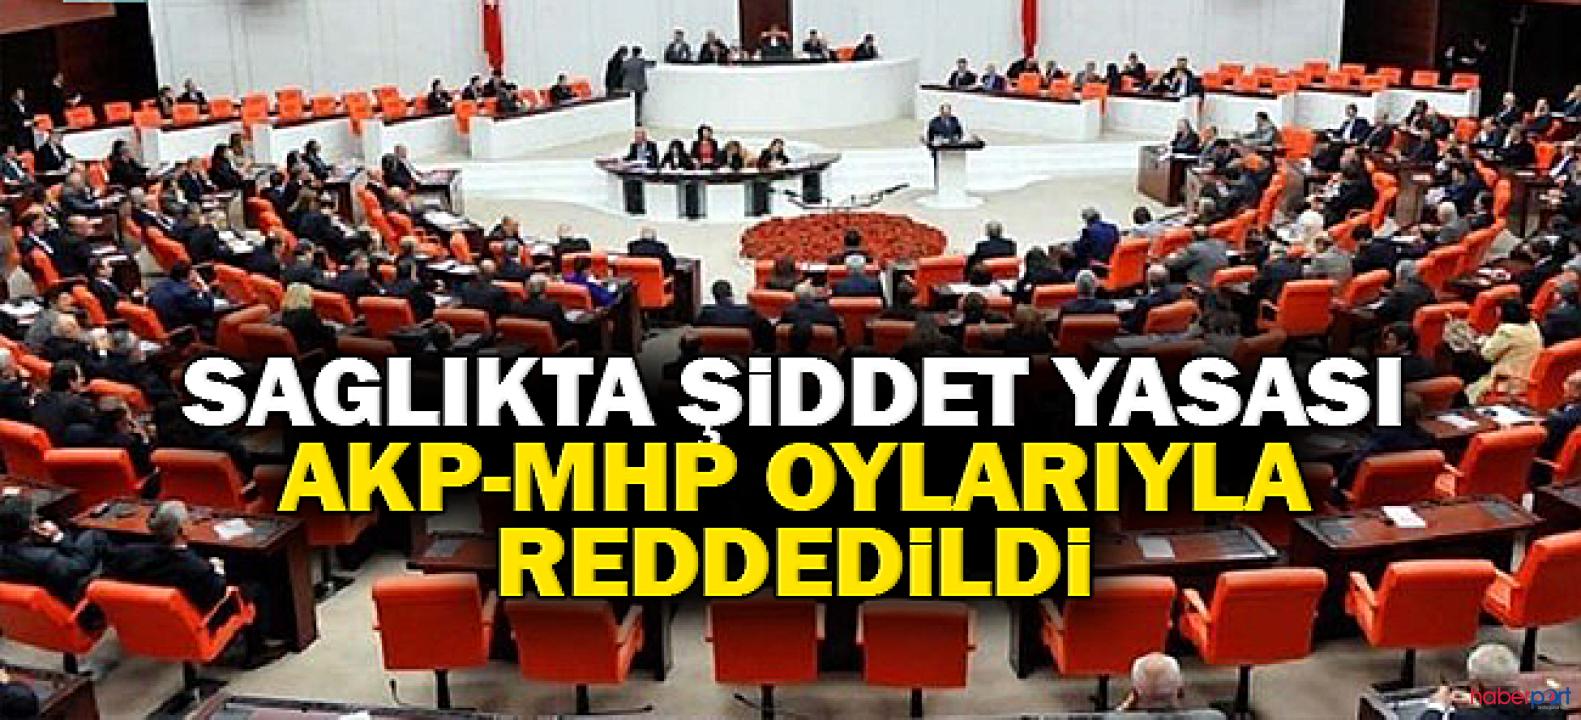 Sağlıkta Şiddet Yasa teklifi Meclis gündemine alınmadı!